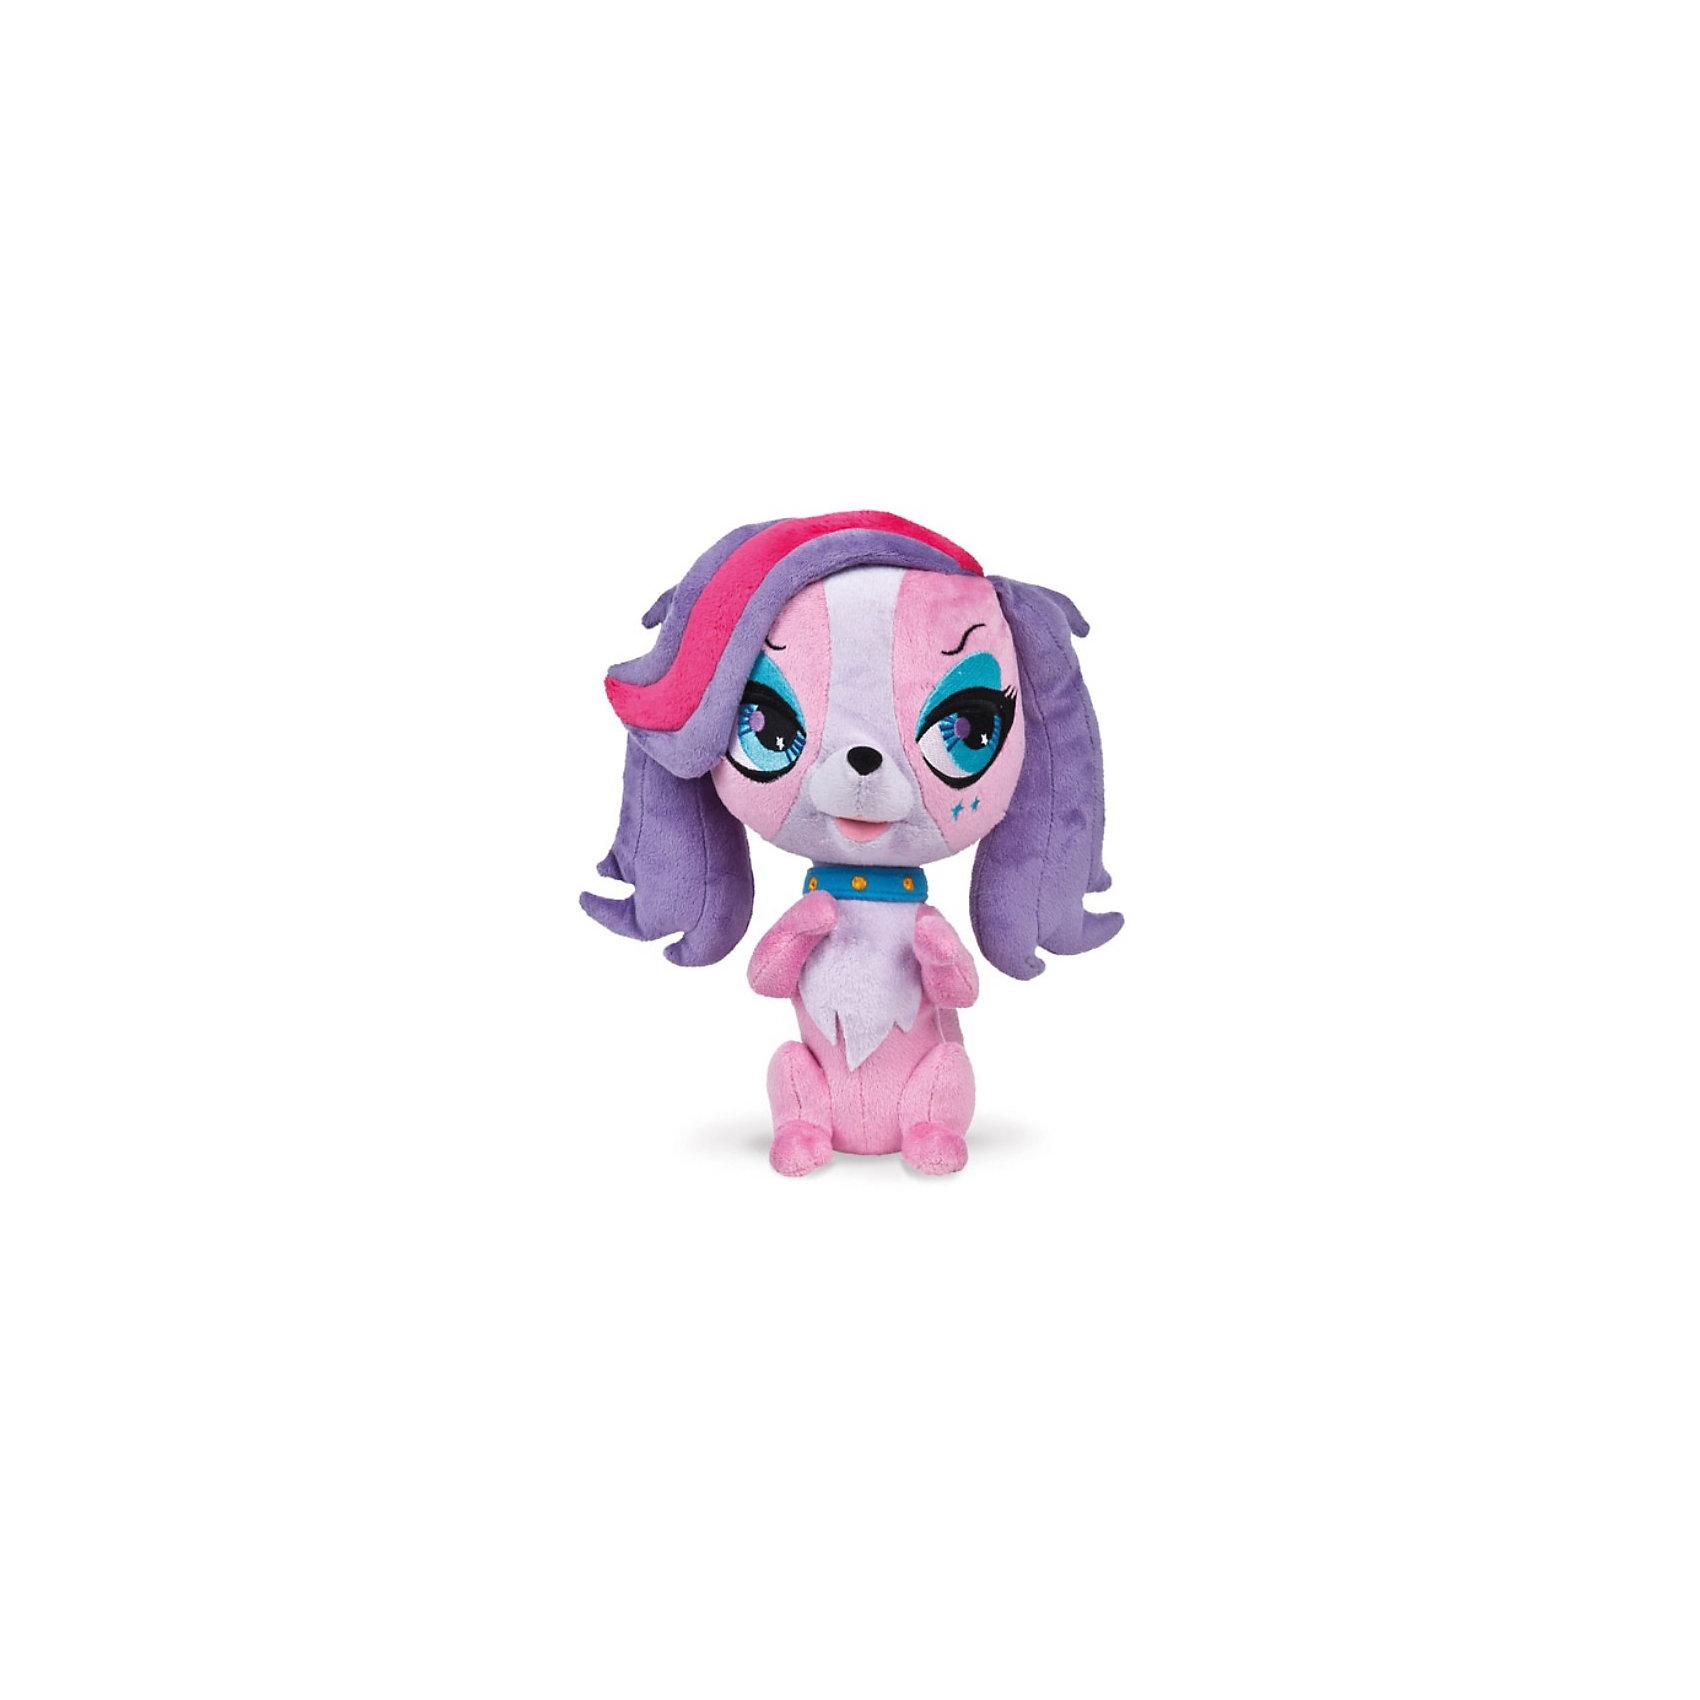 Собачка, 23 см, со звуком, Littlest Pet Shop, МУЛЬТИ-ПУЛЬТИМягкая игрушка Собачка, Littlest Pet Shop от Мульти-Пульти станет замечательным подарком для Вашей девочки, особенно если она является поклонницей забавных зверюшек Littlest Pet Shop (Маленький зоомагазин).Милая собачка из мультфильма Littlest Pet Shop очень похожа на свой мультперсонаж, у нее мягкая, приятная на ощупь розовая шерстка, большие глаза и длинные сиреневые ушки. Игрушка озвучена.<br><br>Дополнительная информация:<br><br>- Игрушка озвучена (работает от батареек - демонстрационные в комплекте)<br>- Материал: текстиль.<br>- Высота игрушки: 23 см.<br>- Размер упаковки: 13 x 37 x 25 см.<br>- Вес: 0,25 кг.<br><br>Мягкую игрушку Собачка, Littlest Pet Shop, Мульти-Пульти можно купить в нашем интернет-магазине.<br><br>Ширина мм: 130<br>Глубина мм: 370<br>Высота мм: 250<br>Вес г: 250<br>Возраст от месяцев: 6<br>Возраст до месяцев: 60<br>Пол: Женский<br>Возраст: Детский<br>SKU: 3778135